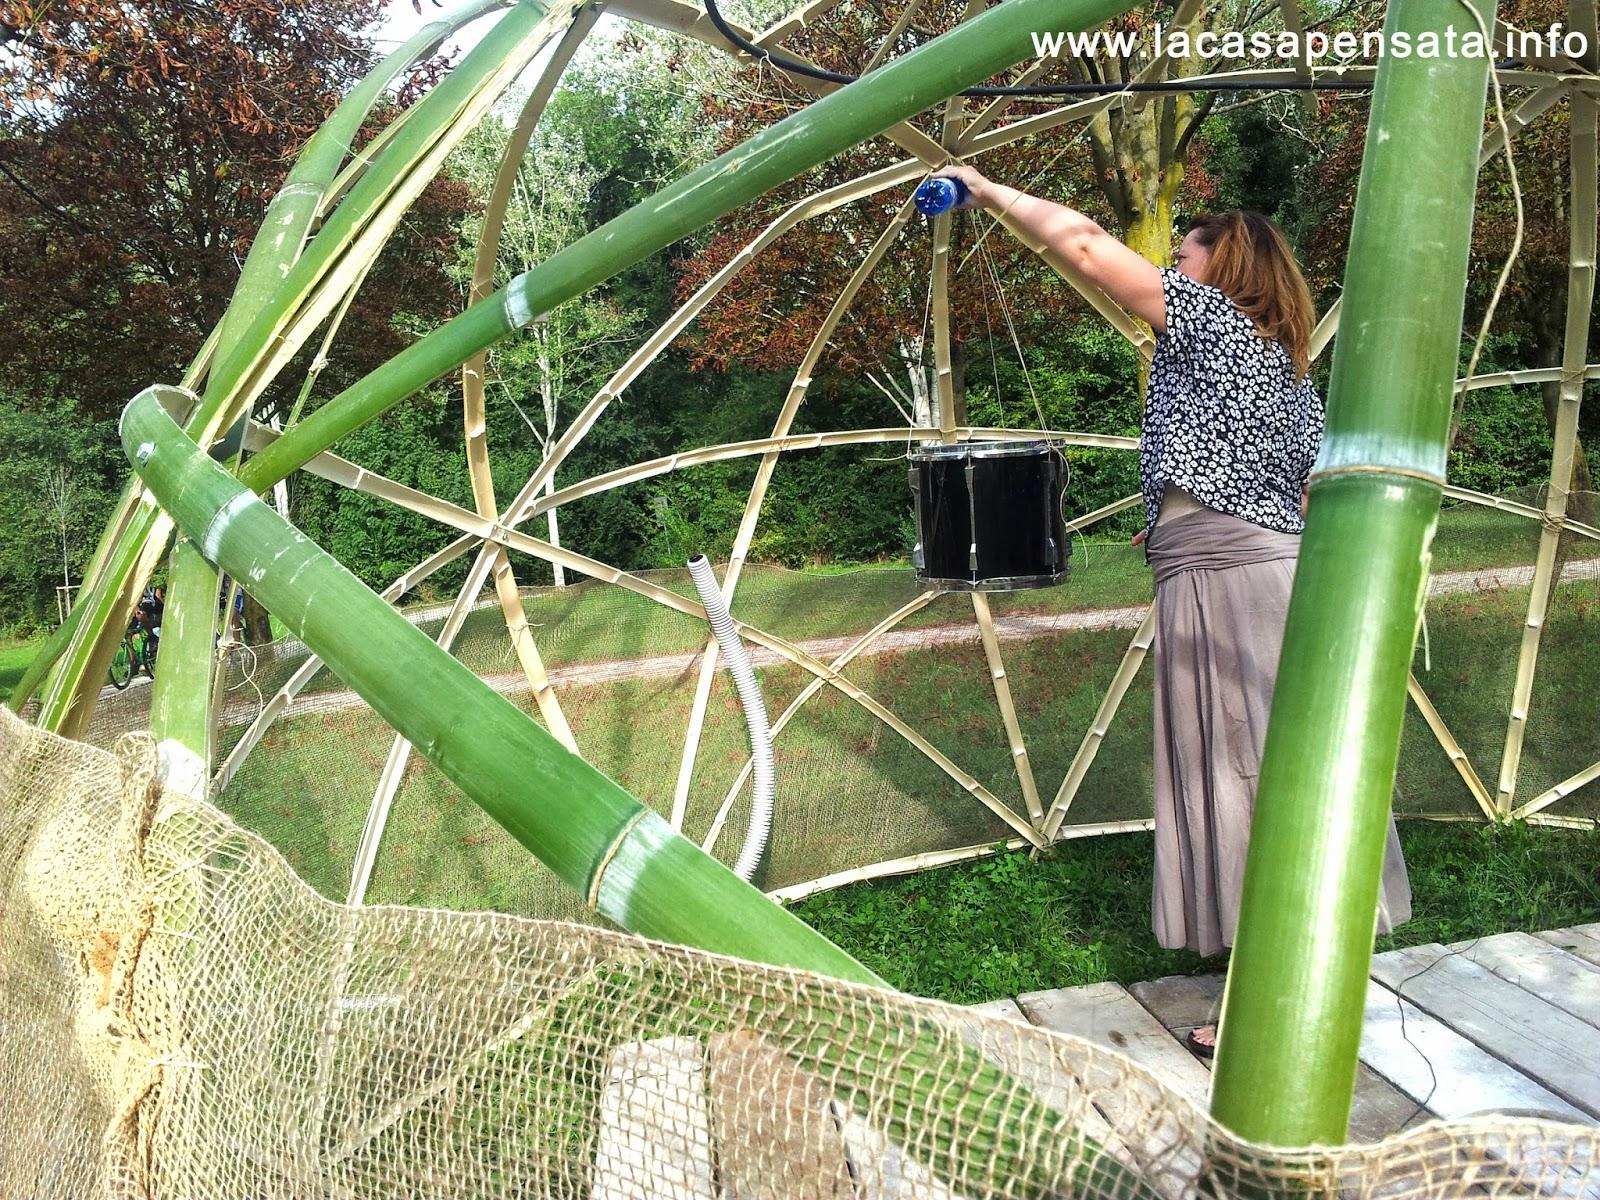 Quanto Costa Un Pavimento In Bamboo : Quanto costa parquet bamboo del parquet bamboo with quanto costa